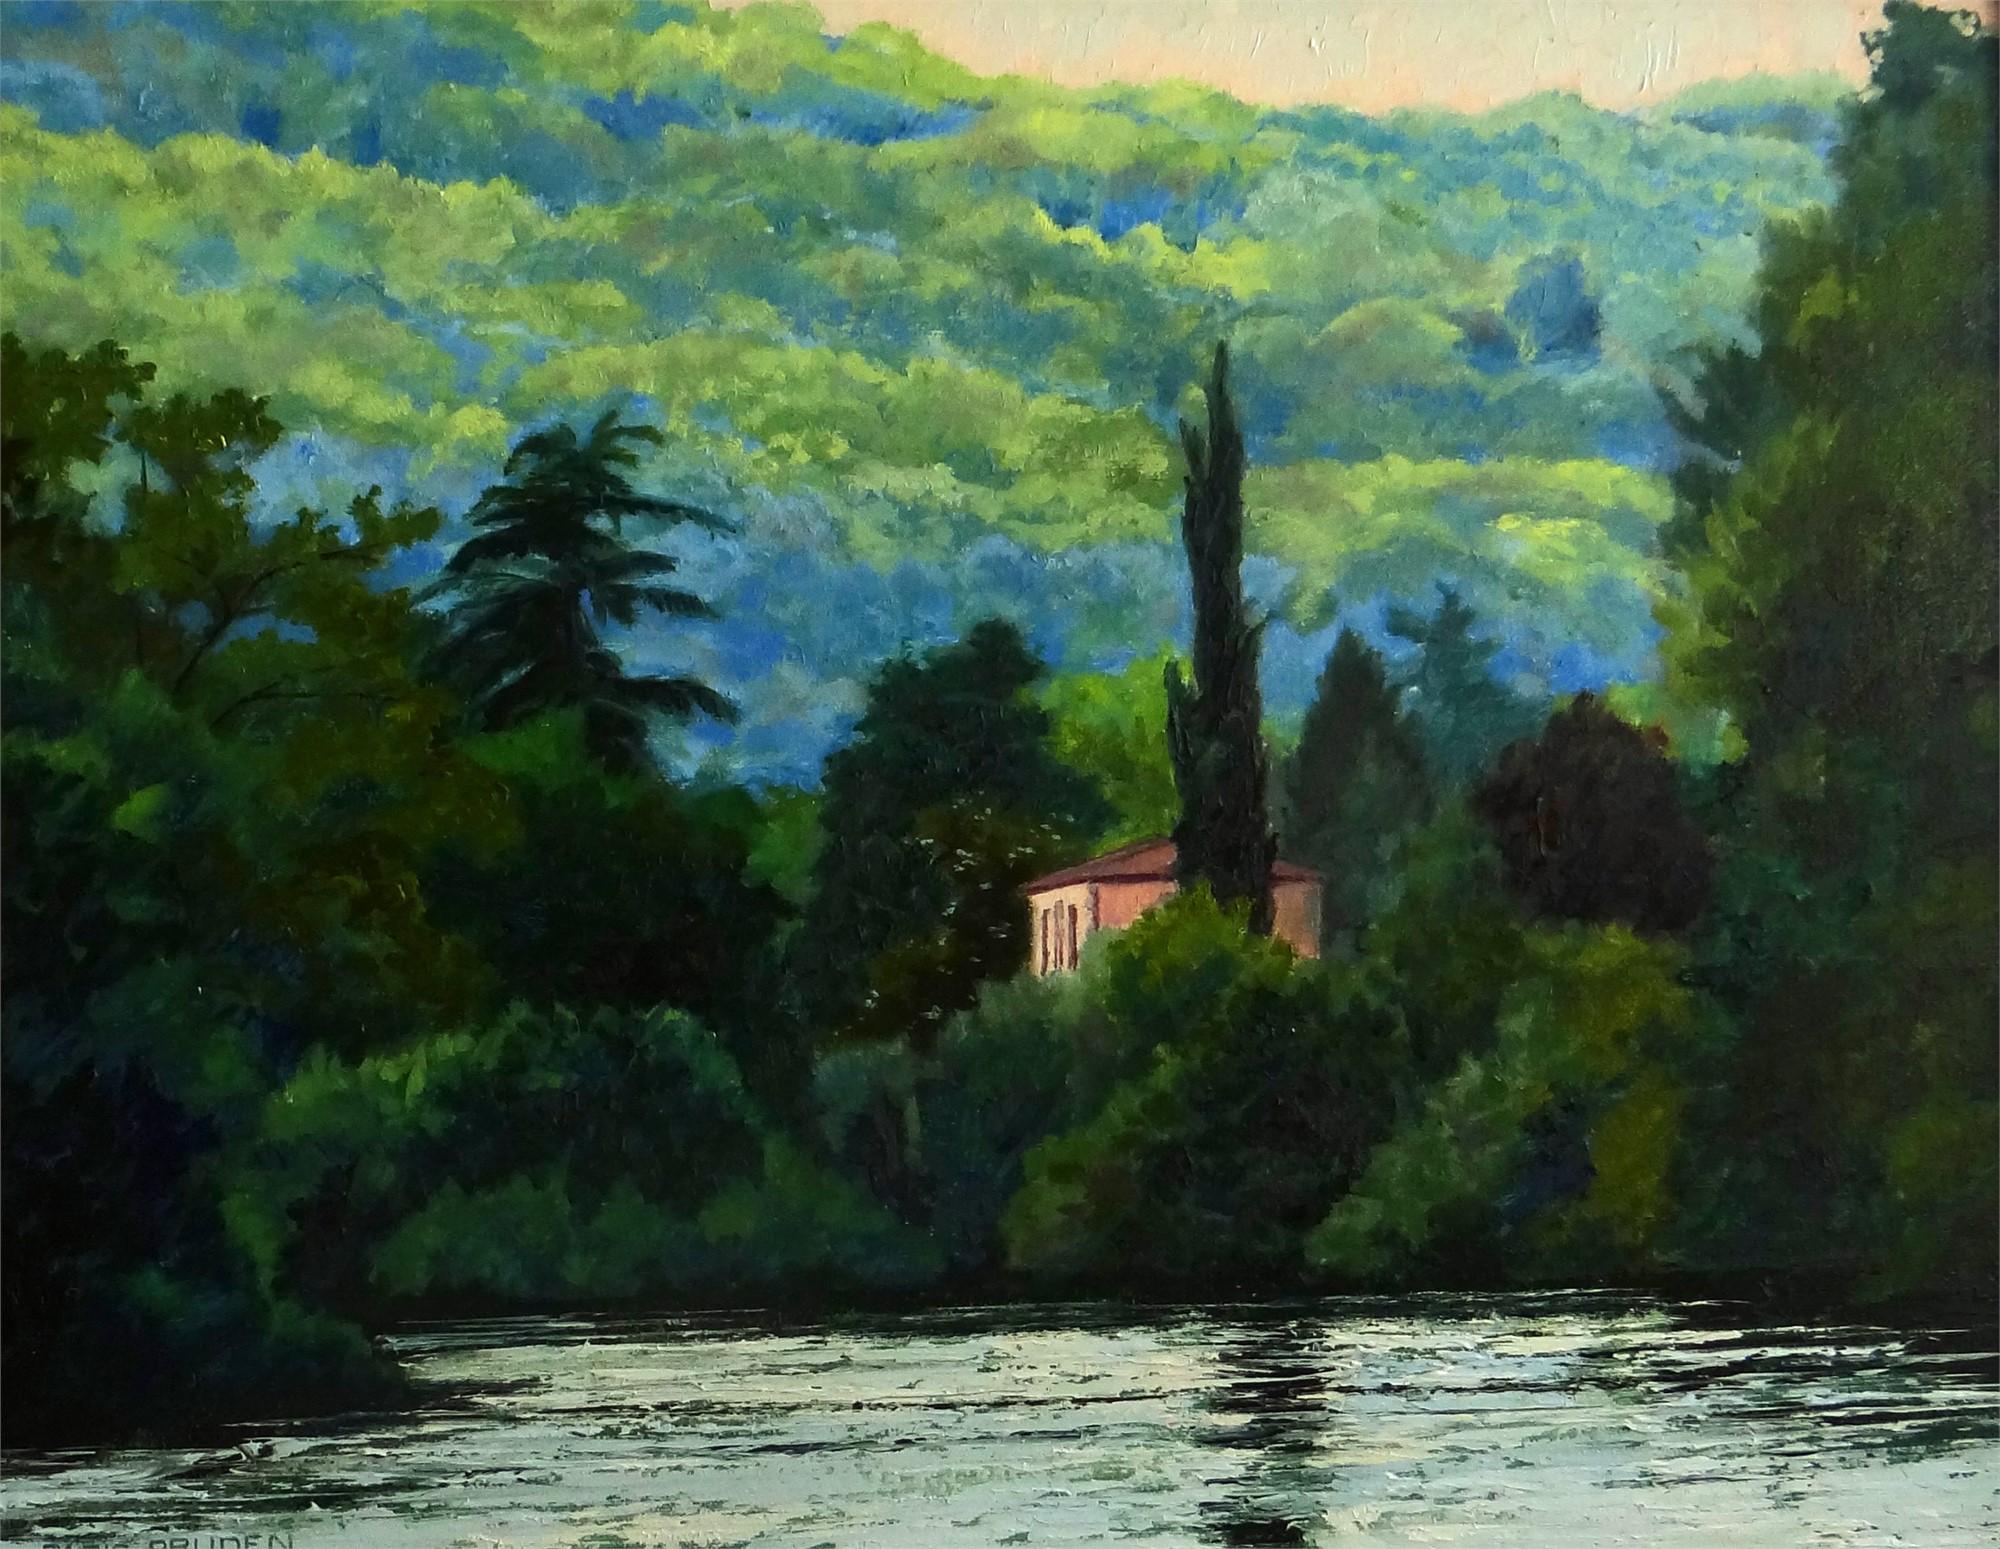 View Across The Lake by Nancy Paris Pruden